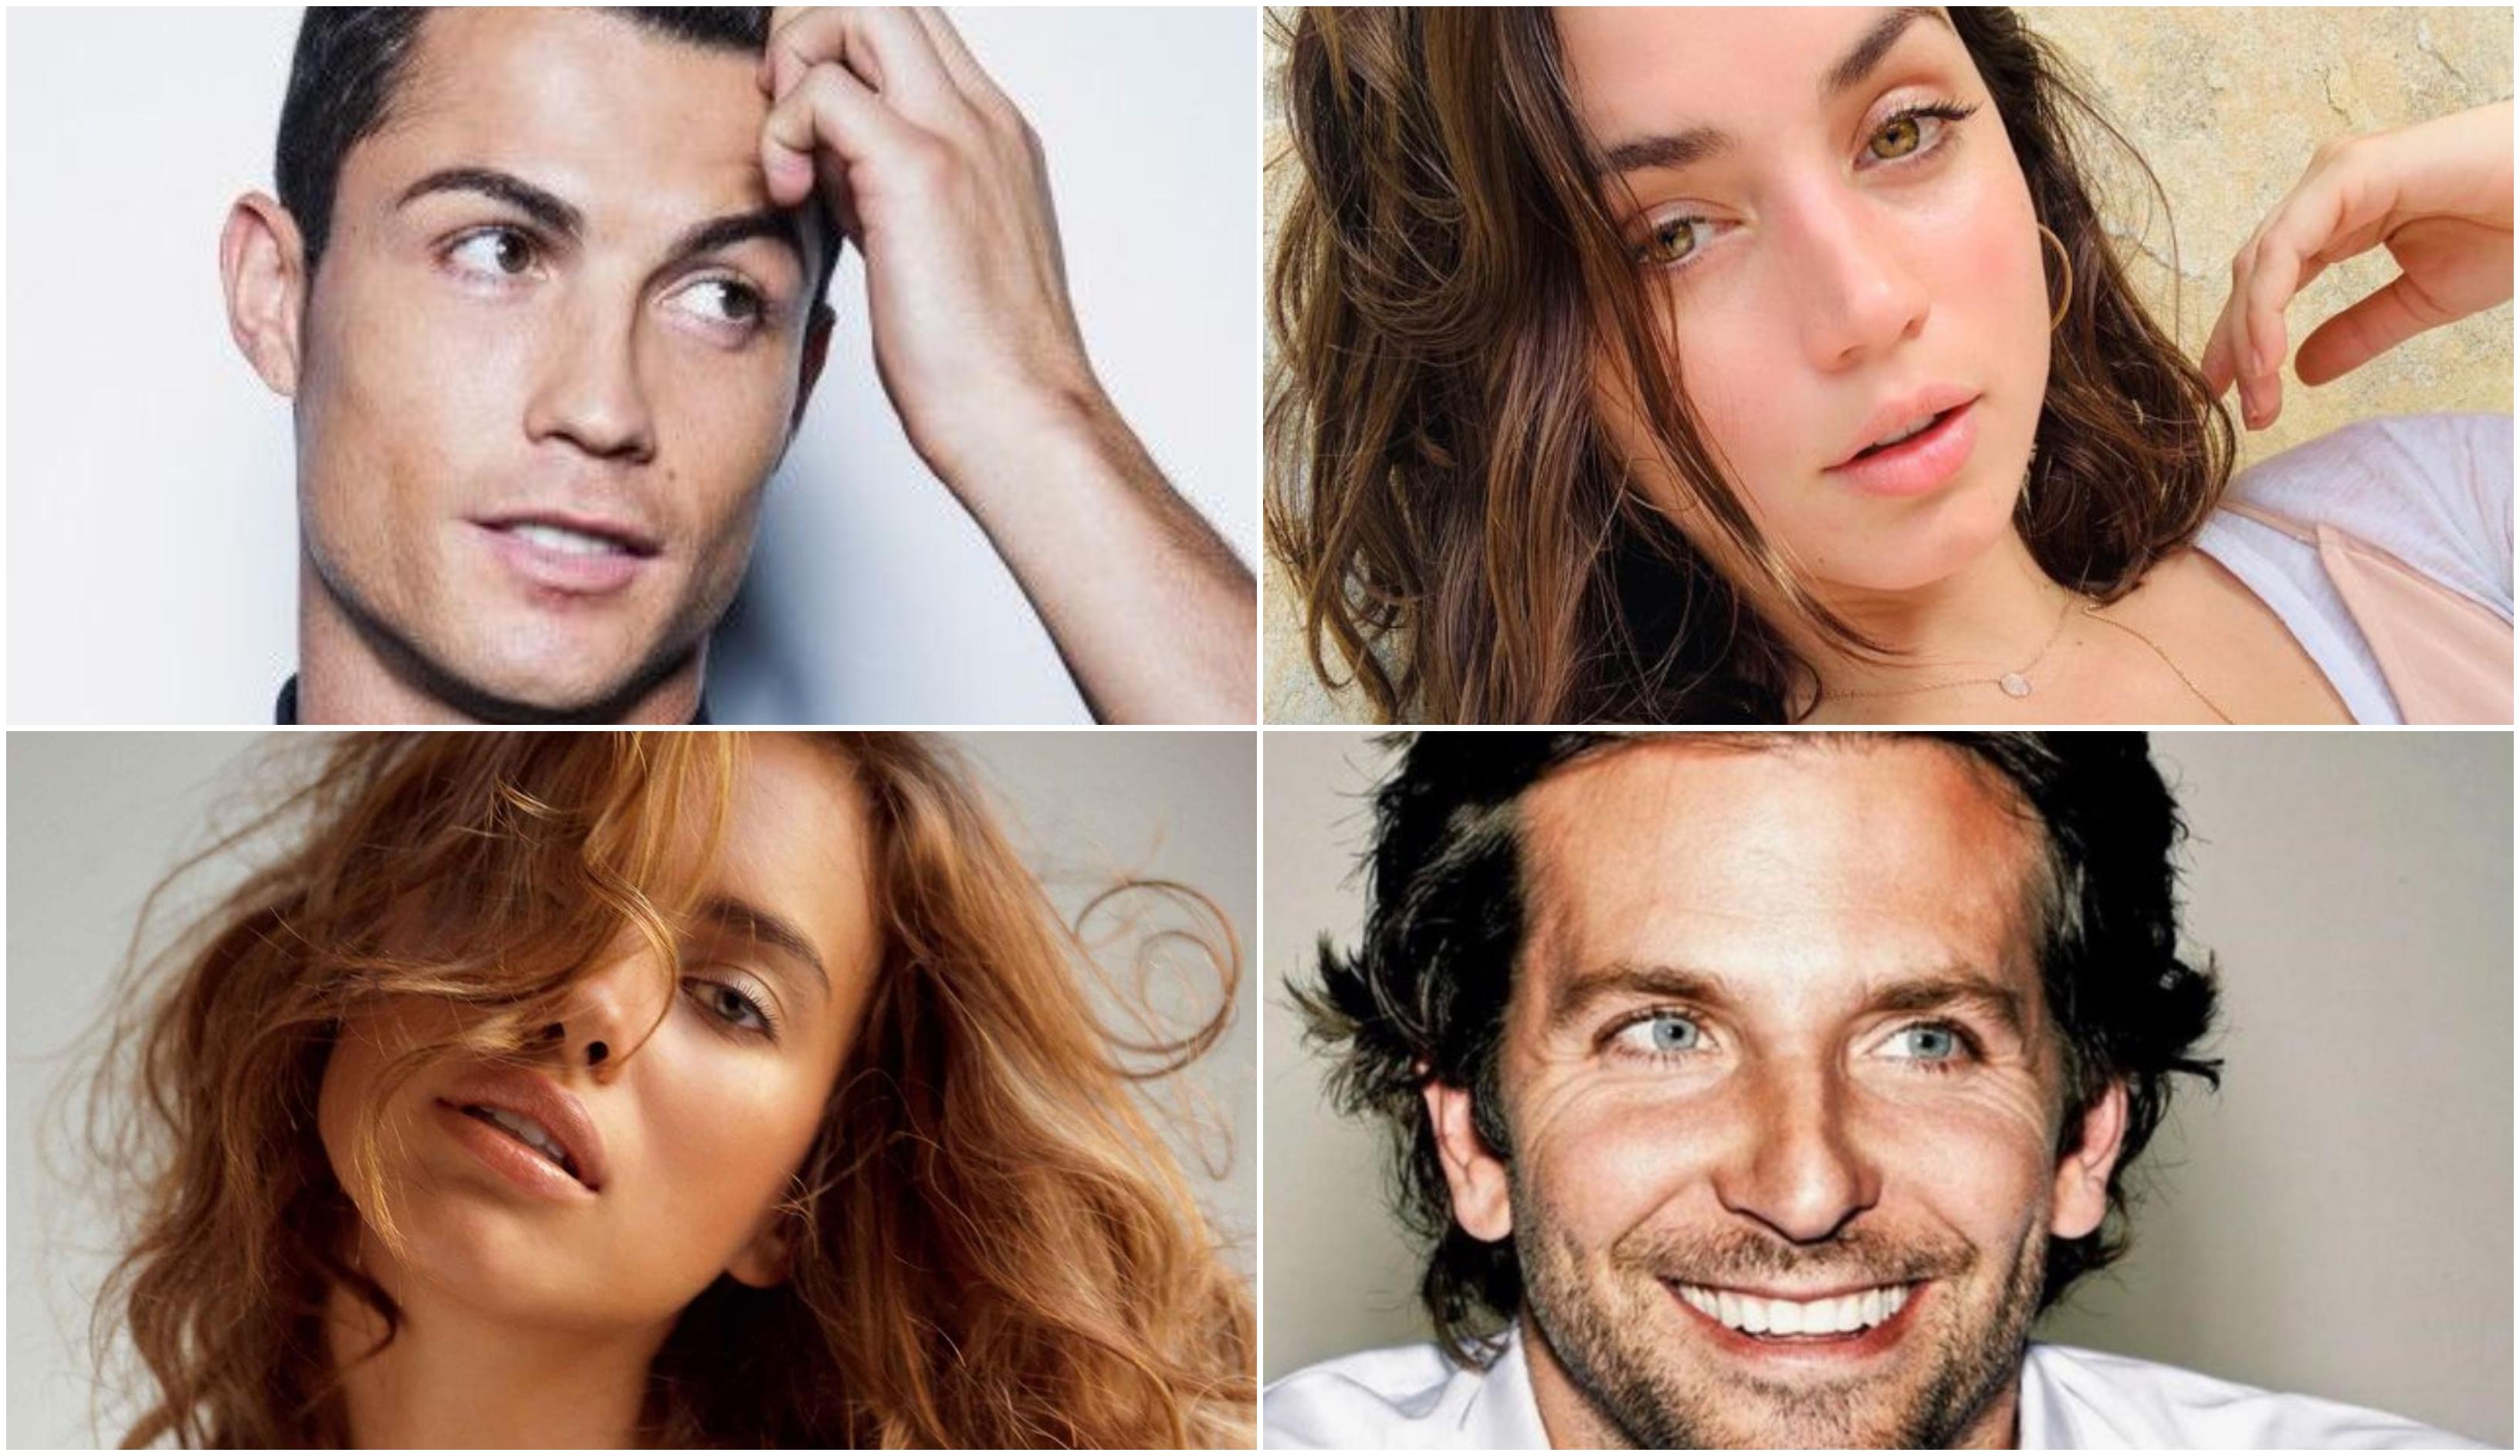 De cómo Cristiano Ronaldo y Ana de Armas cerraron el círculo amoroso junto a Irina Shayk y Bradley Cooper